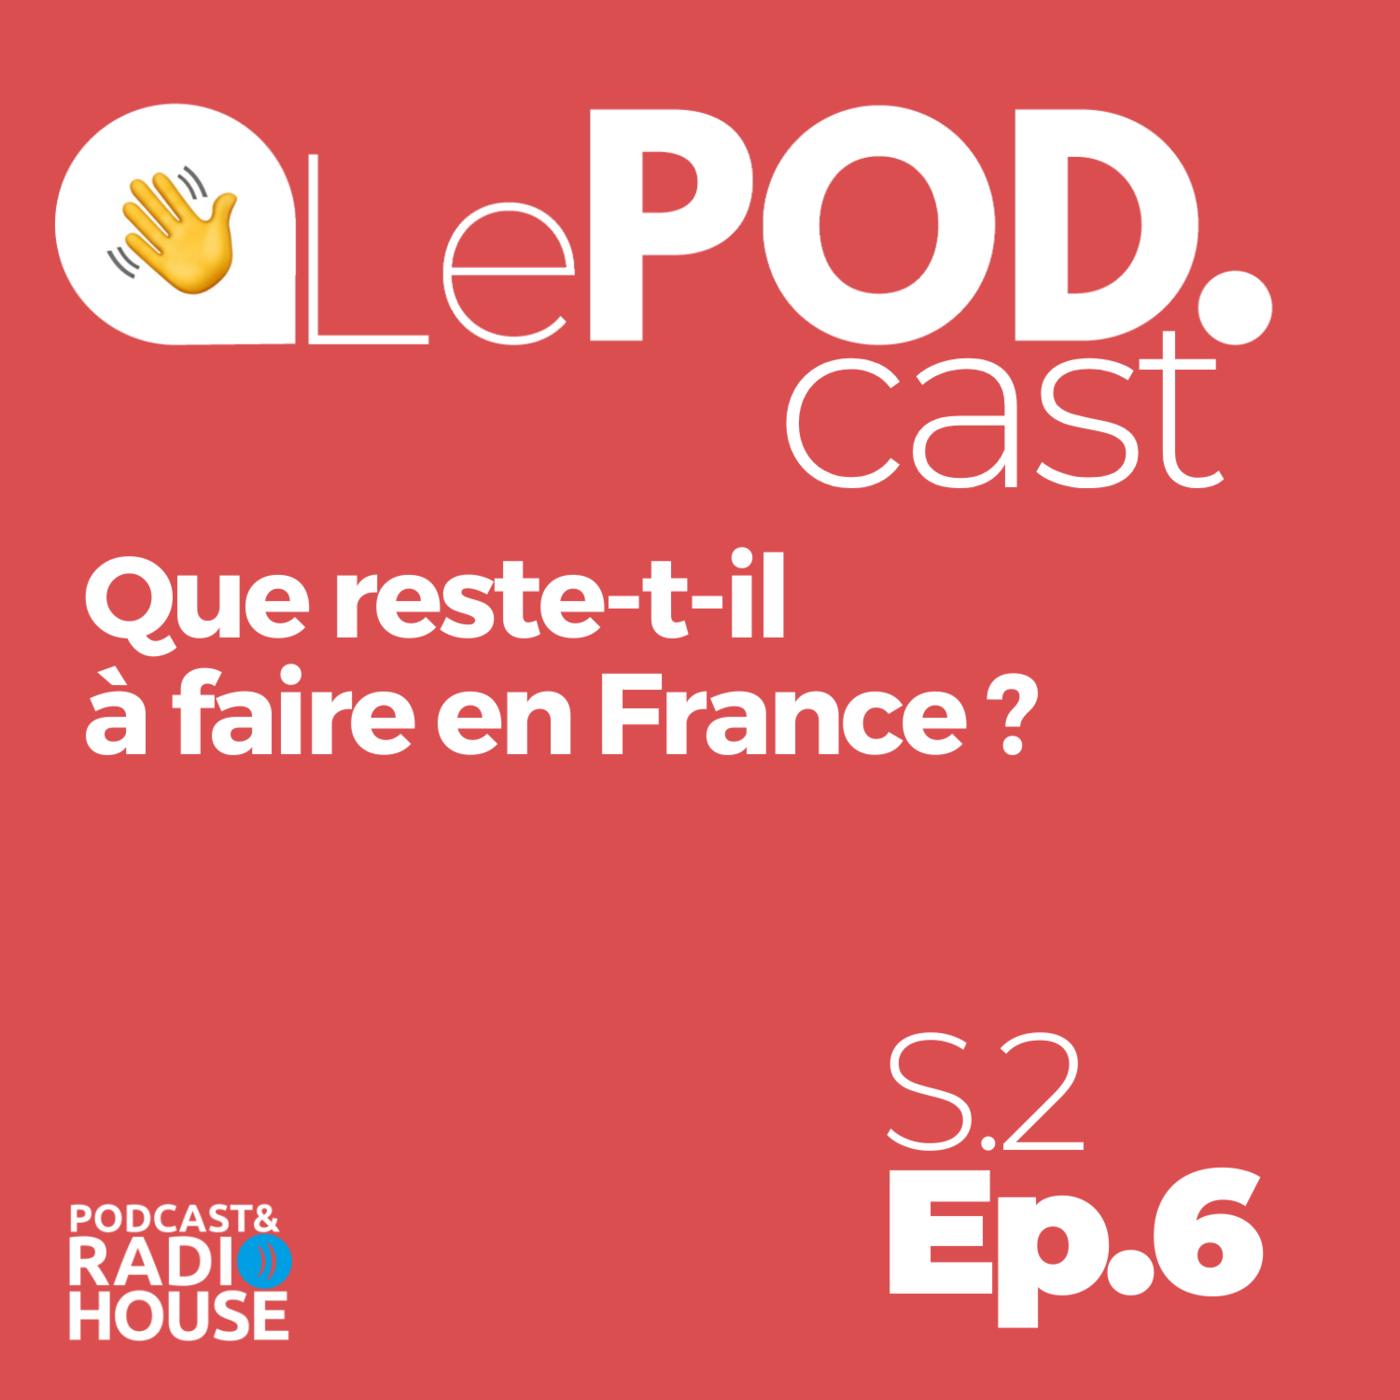 EP.6 - Podcast - Que reste-t-il à faire en France ? - Le POD.